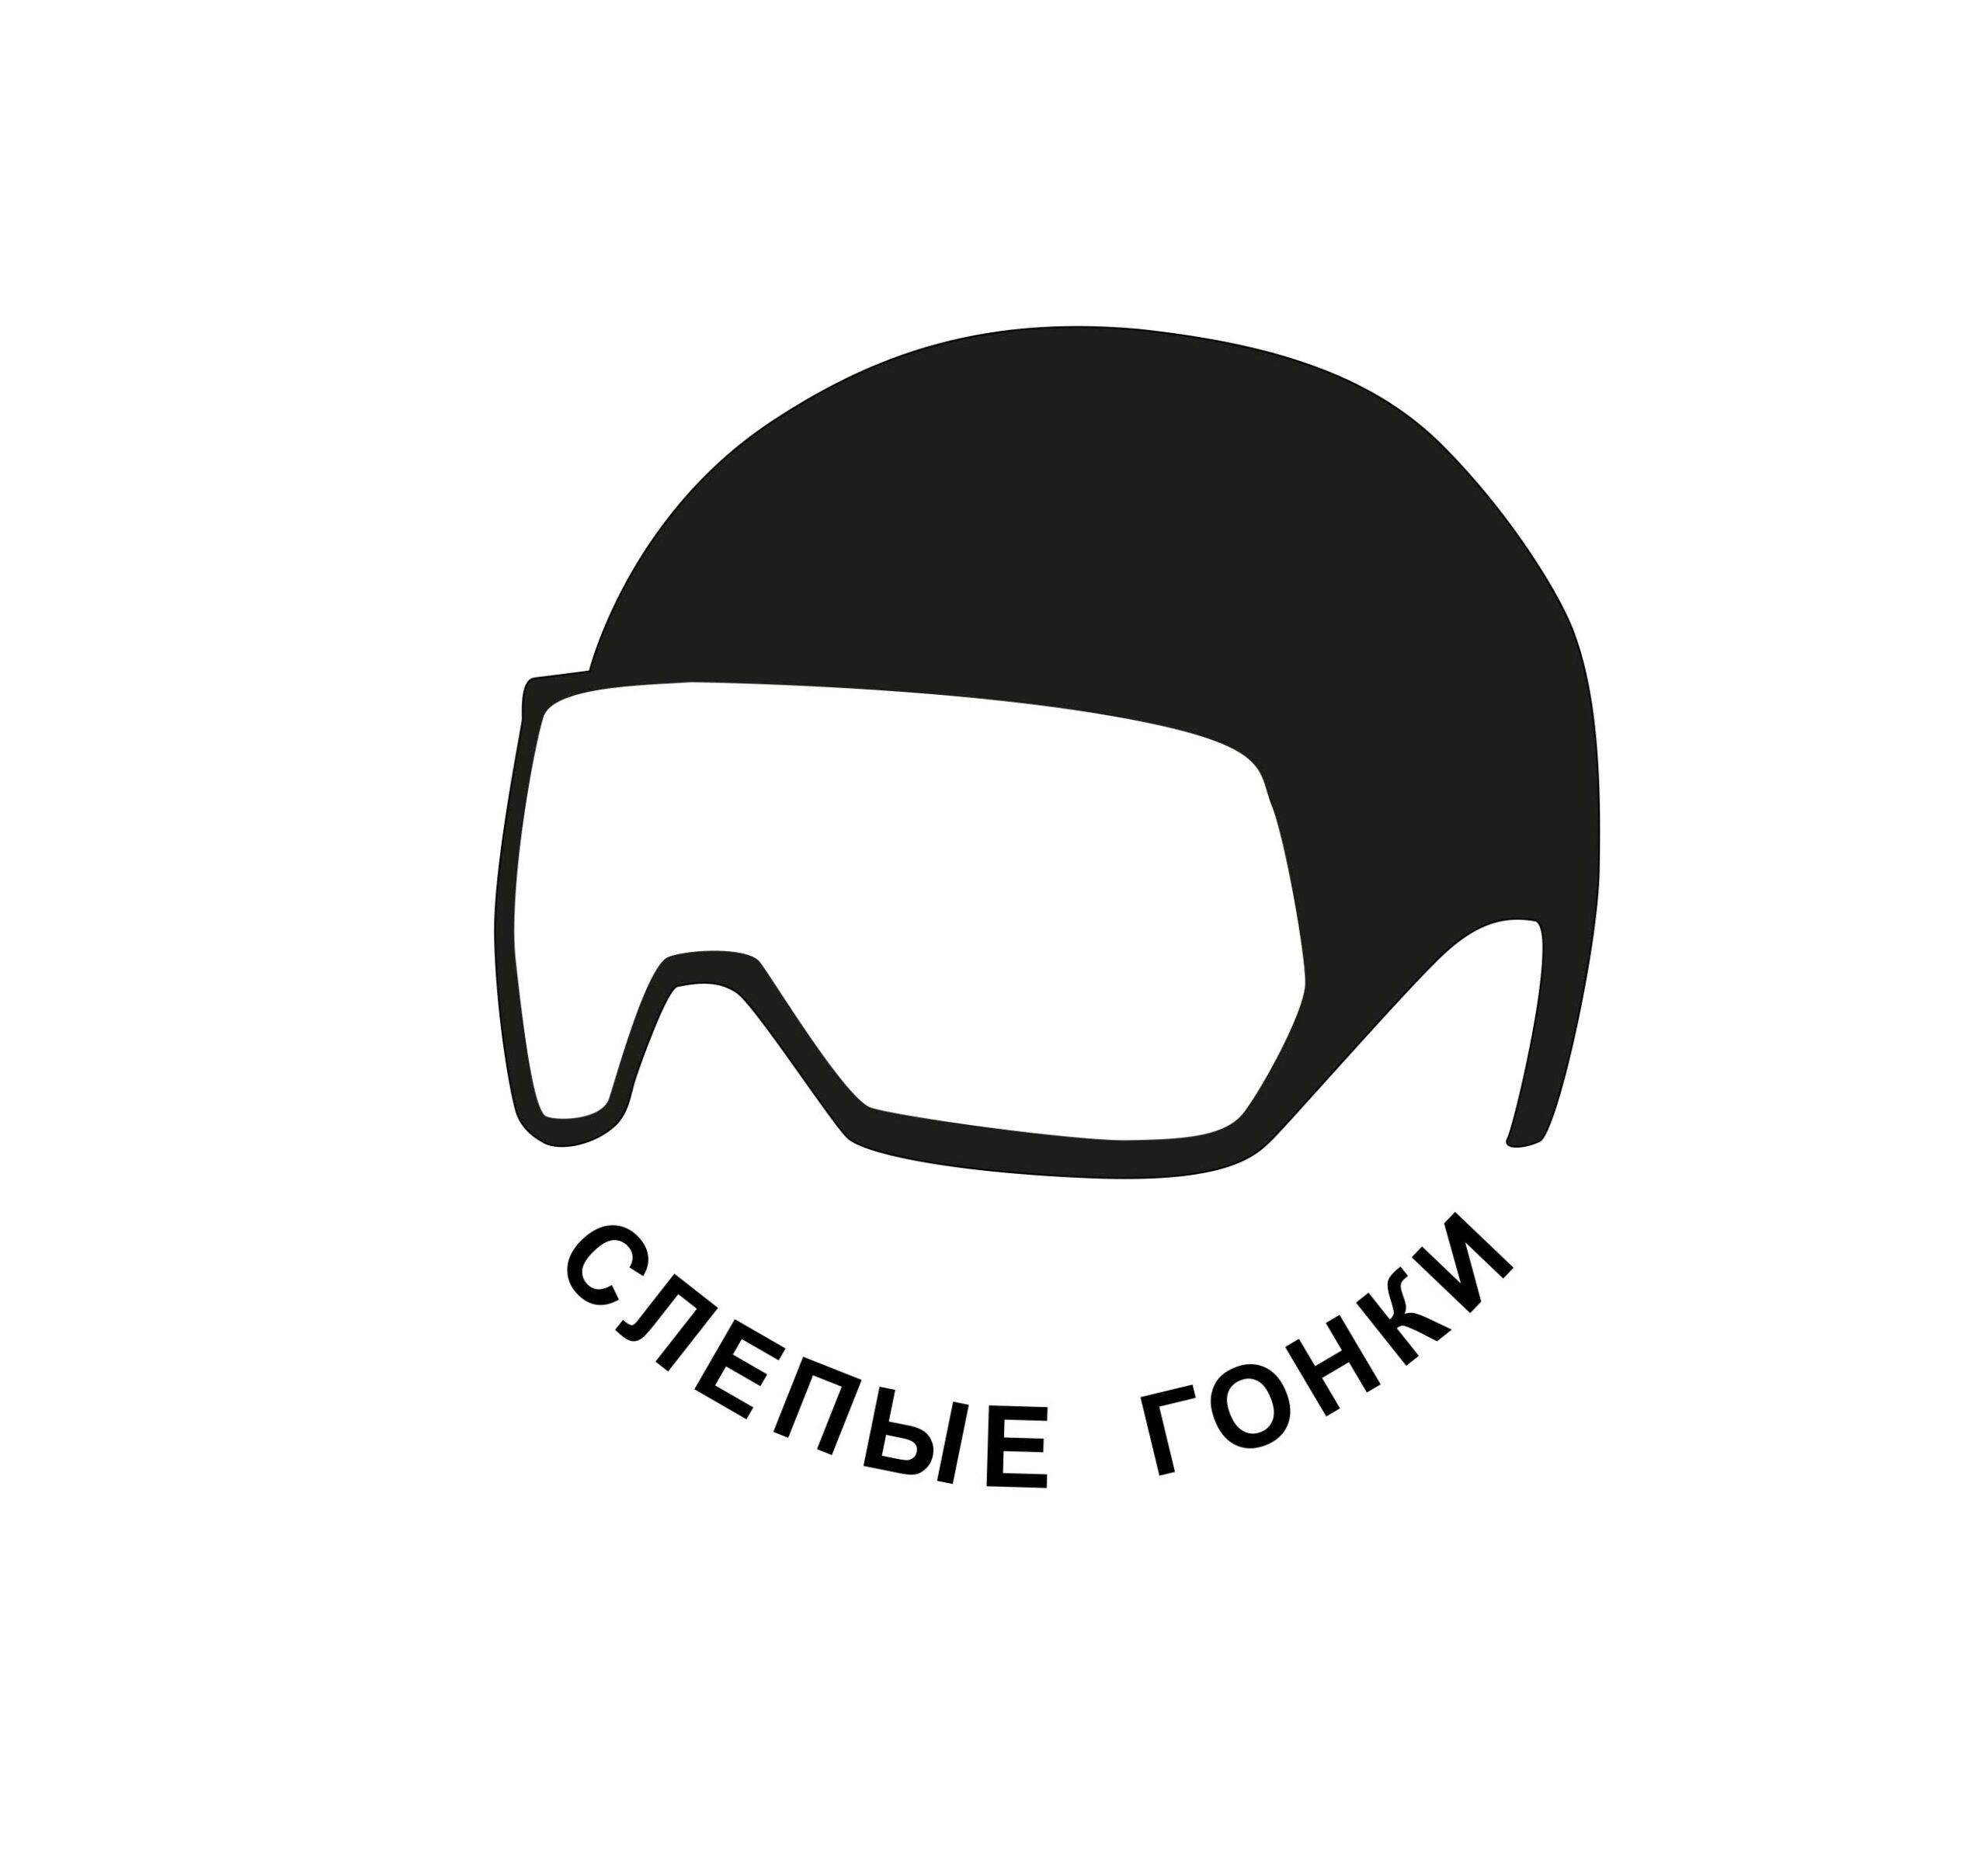 Логотип: На белом фоне чёрный шлем, форма которого оставляет уши открытыми и перетекает в белые широкие защитные очки. Под ними в форме улыбки (полукругом) расположена чёрным шрифтом надпись «Слепые гонки».